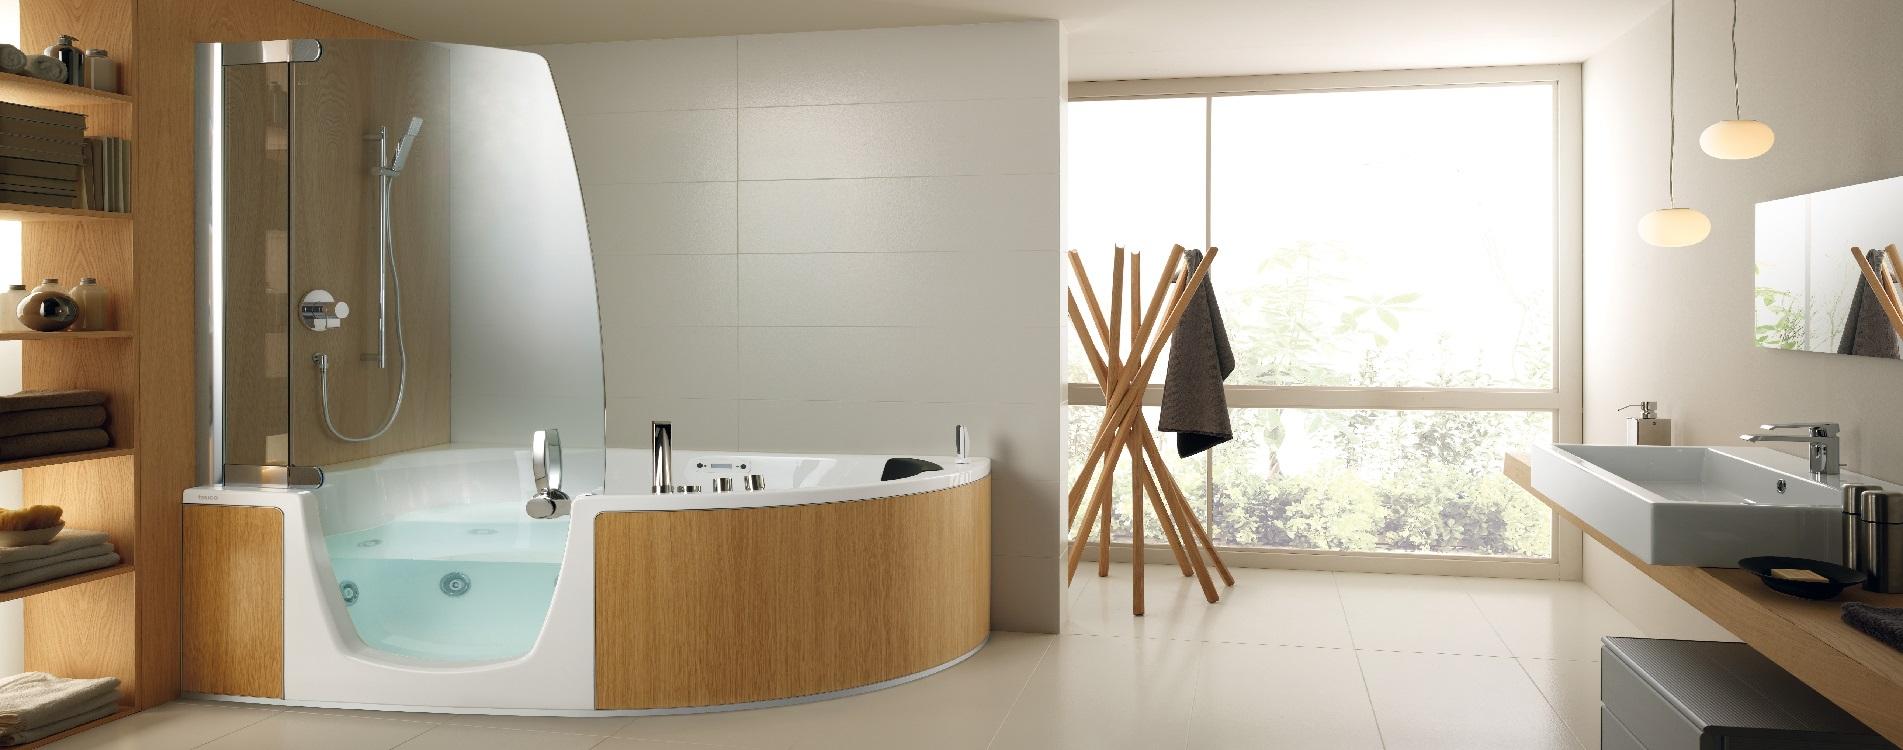 Banyo dekorasyon - Banyo dekorasyon ...